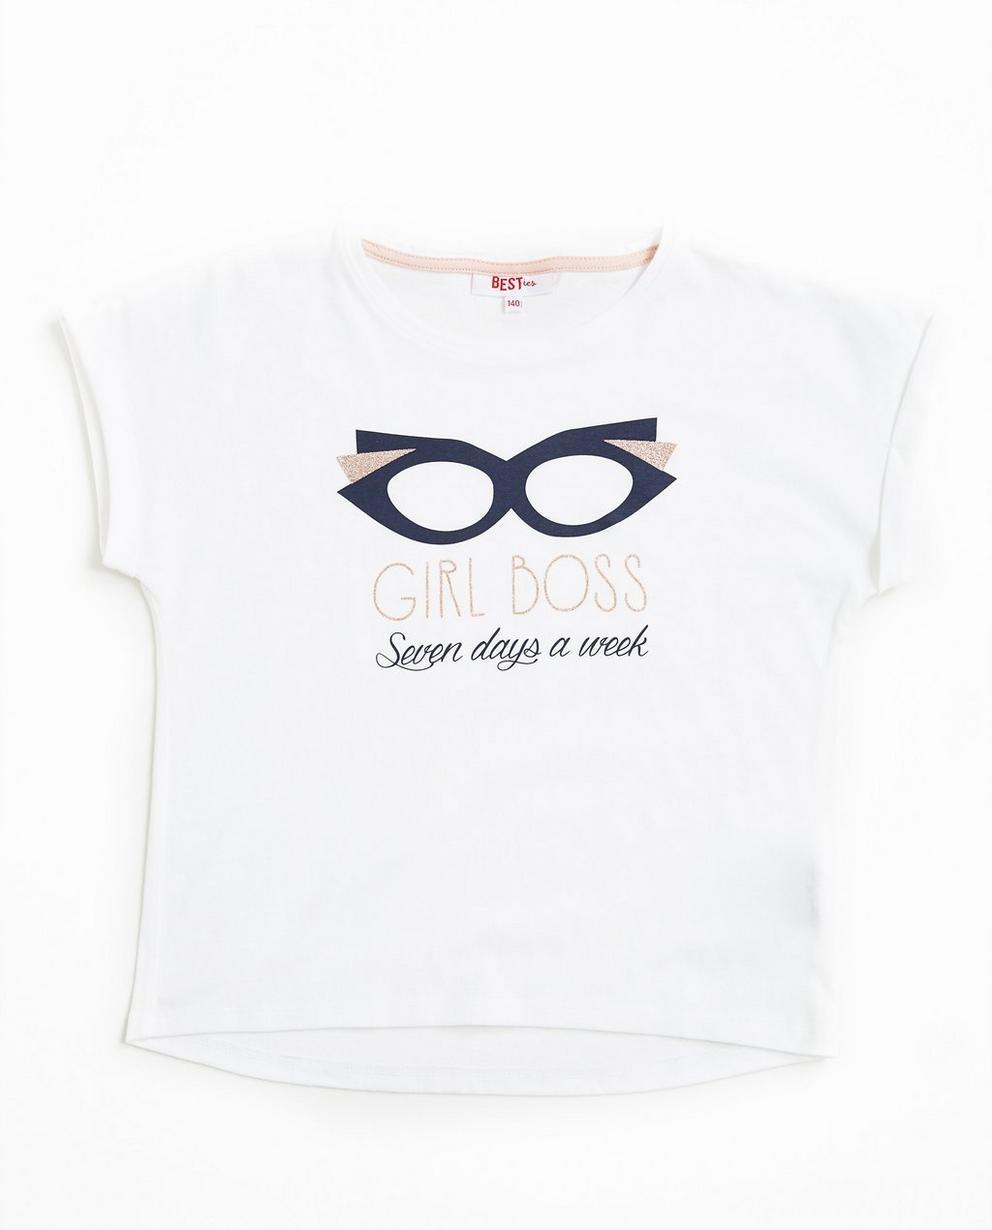 T-Shirt mit Print - in Hellgrau - Best price